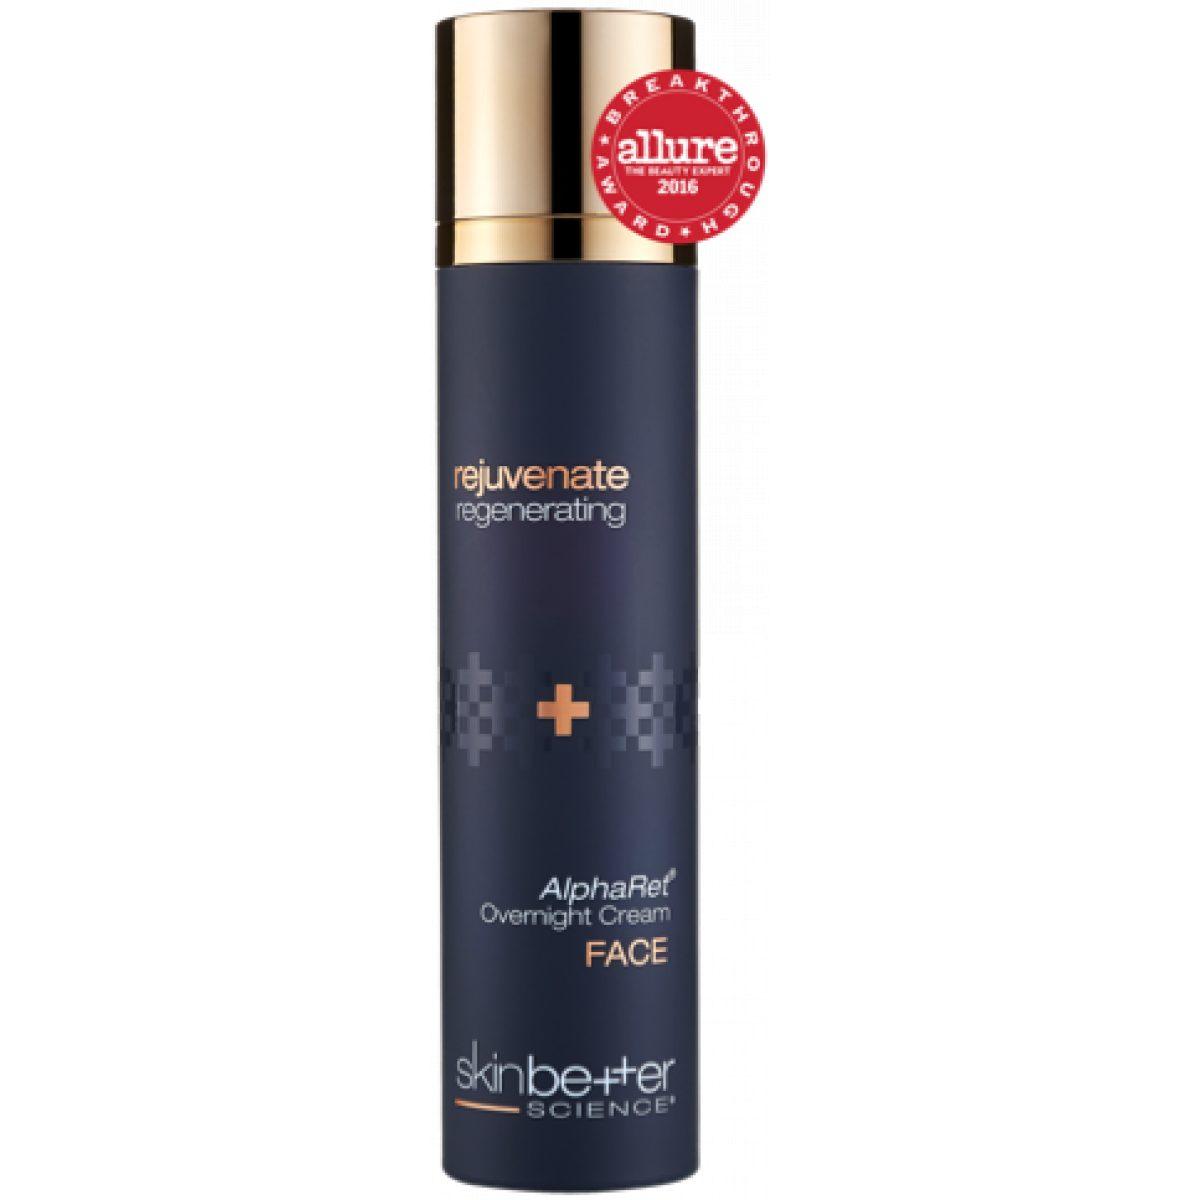 Skin Better Intensive AlphaRet® Overnight Cream 30ML